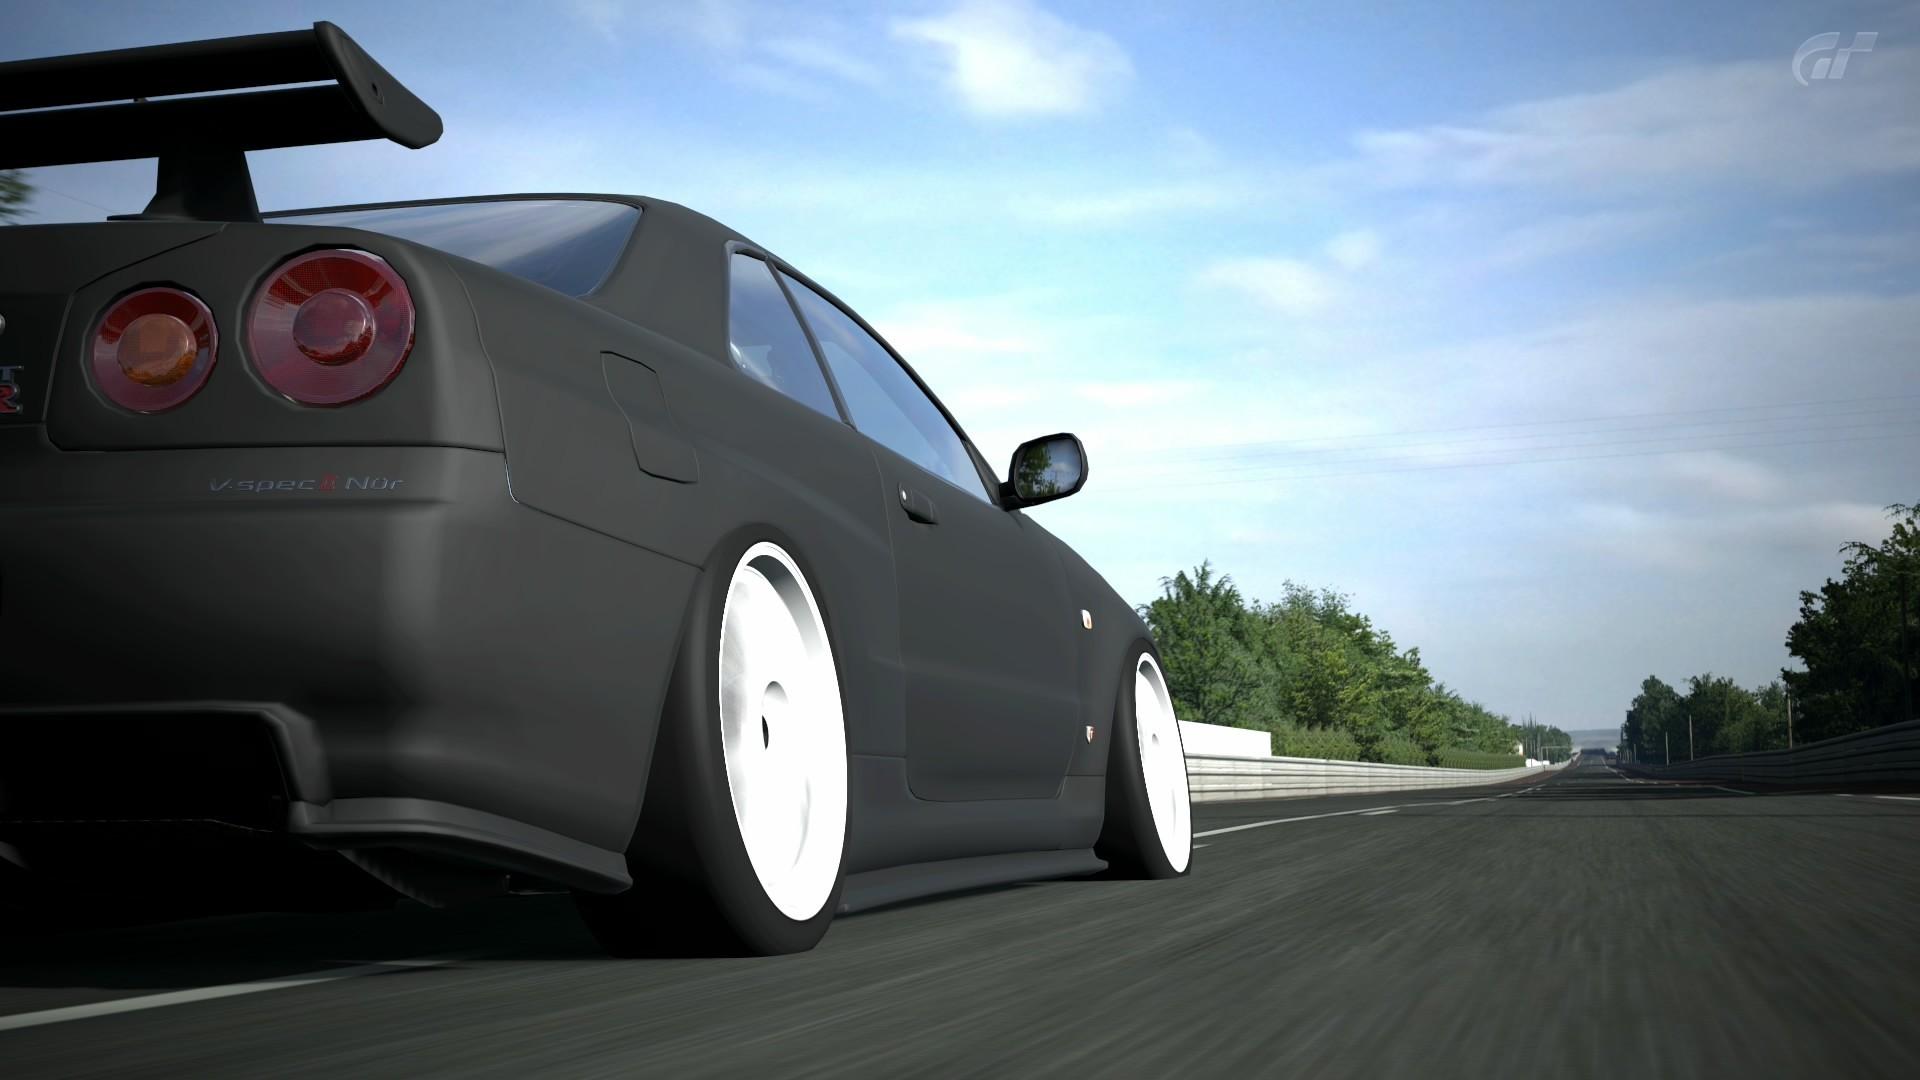 car, Nissan, Nissan Skyline, Nissan Skyline GT R R34